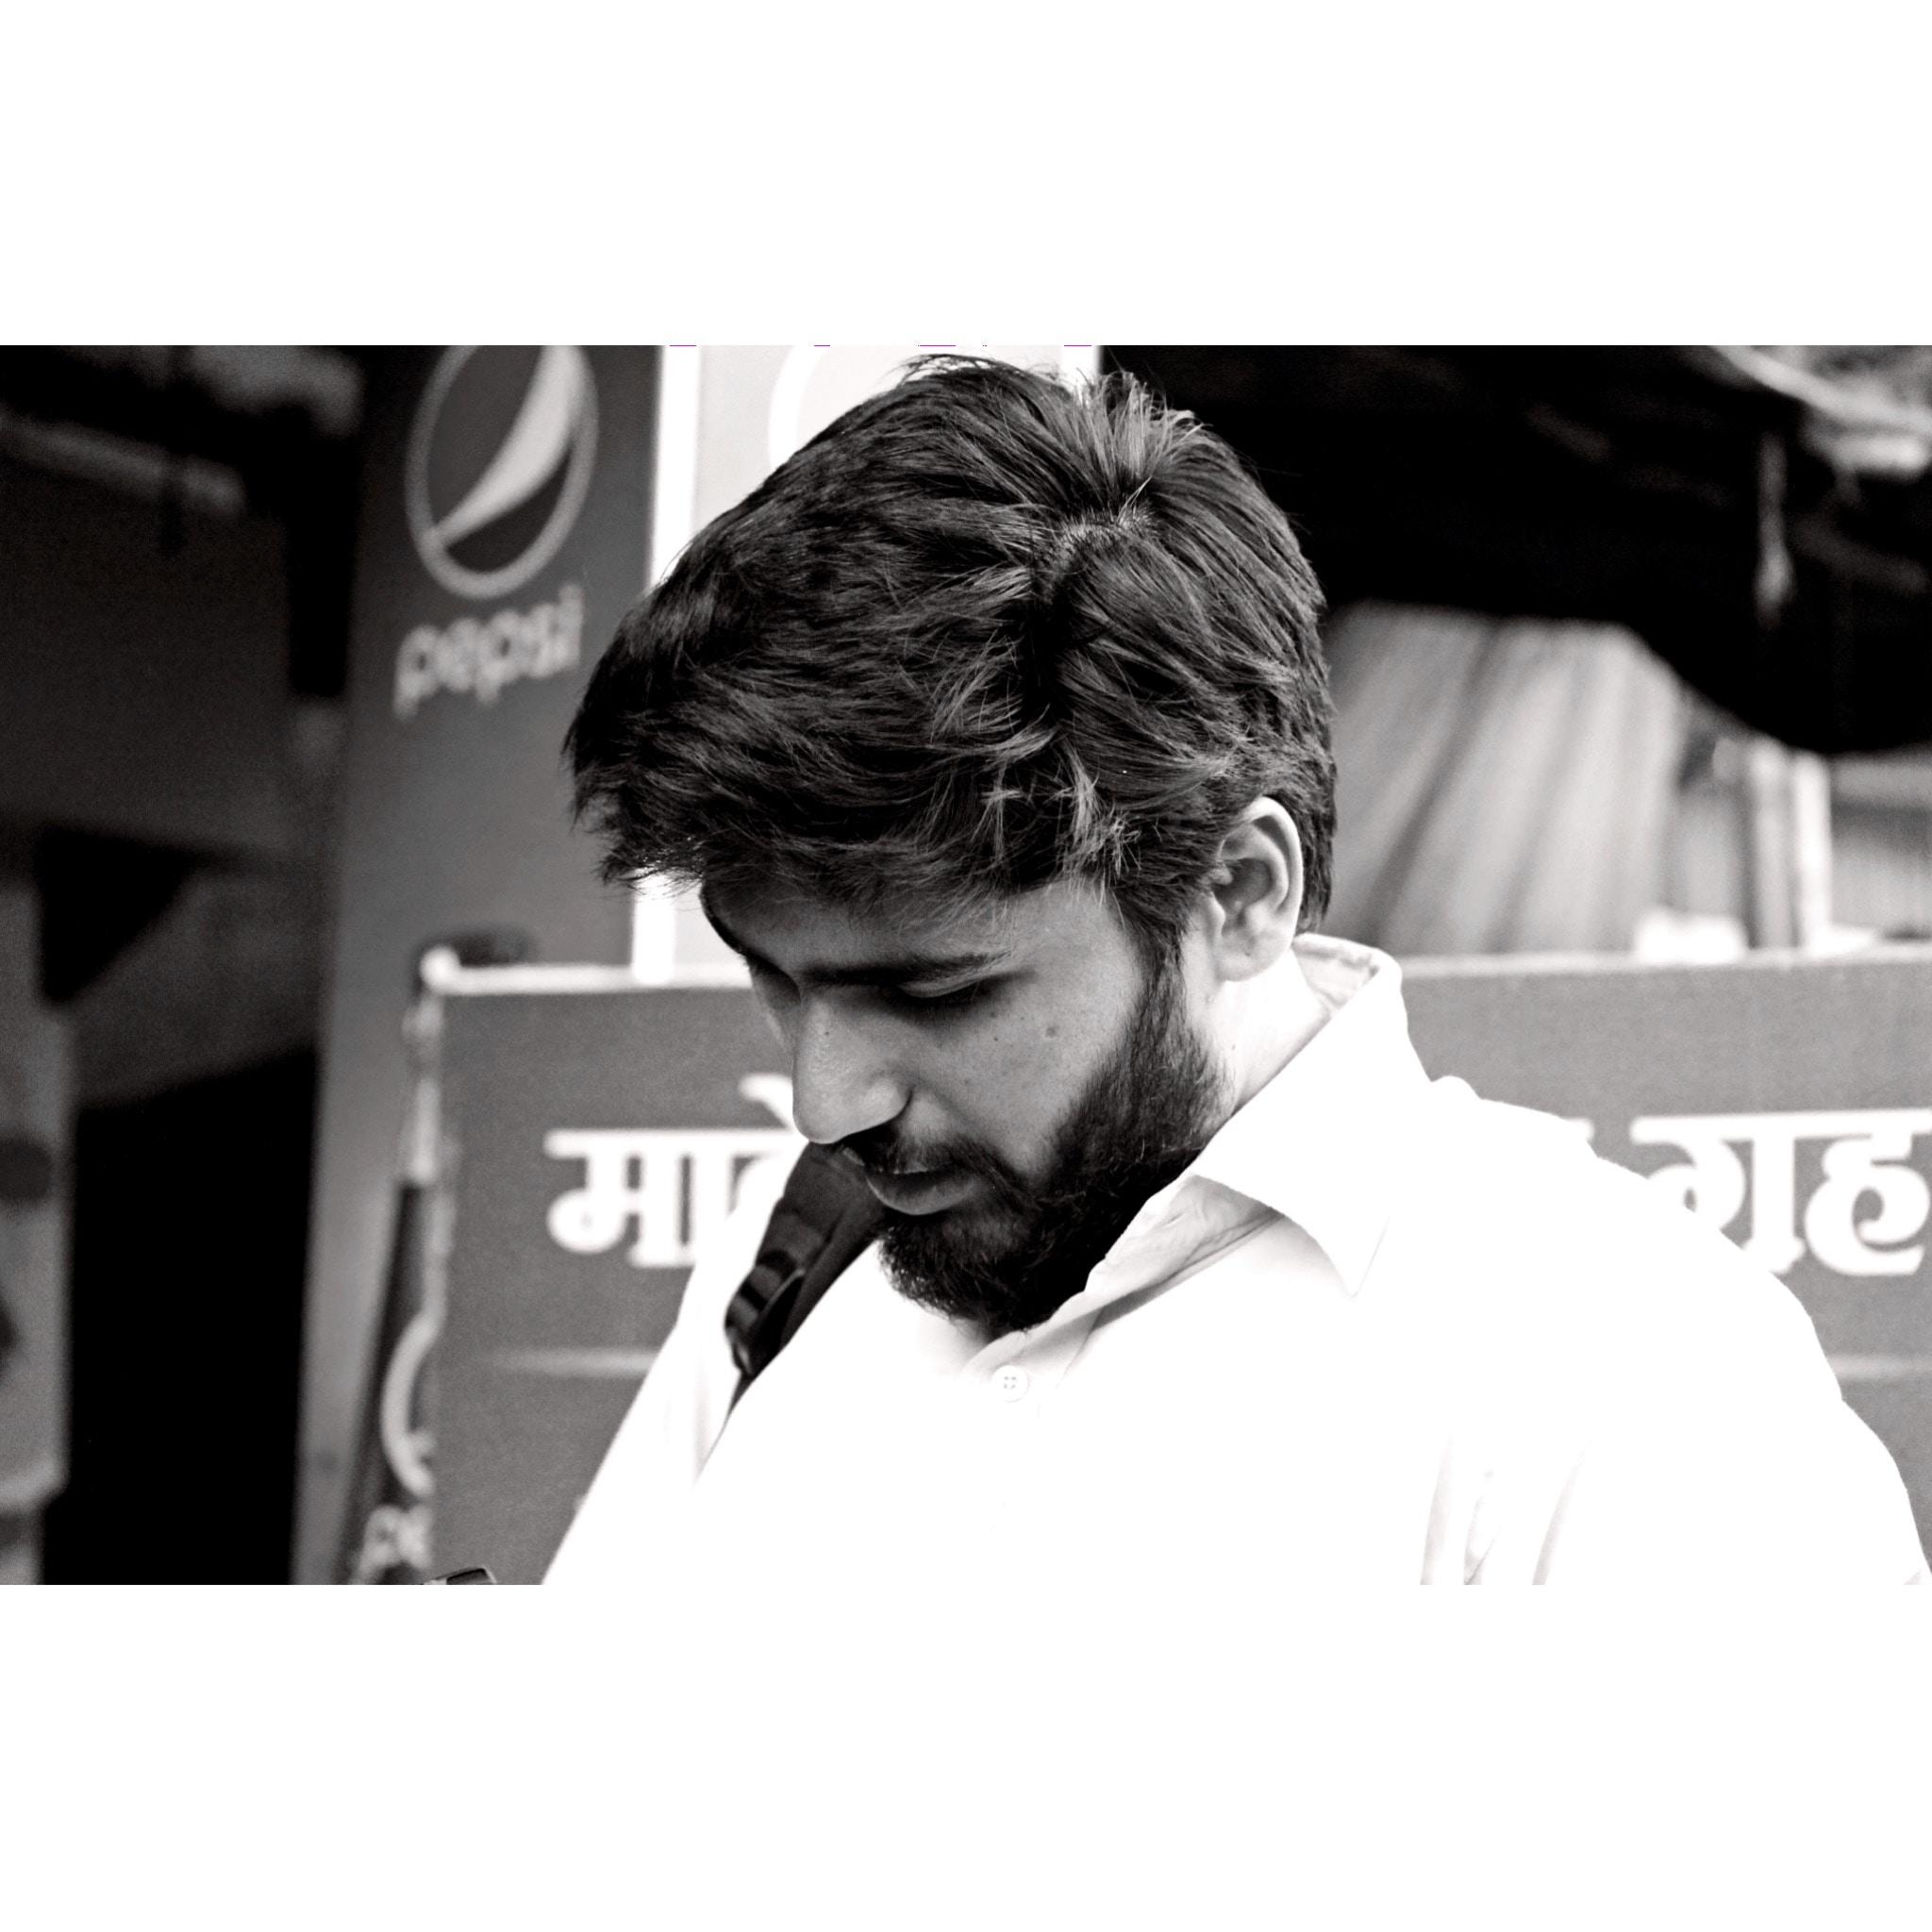 Go to Vibhav Satam's profile